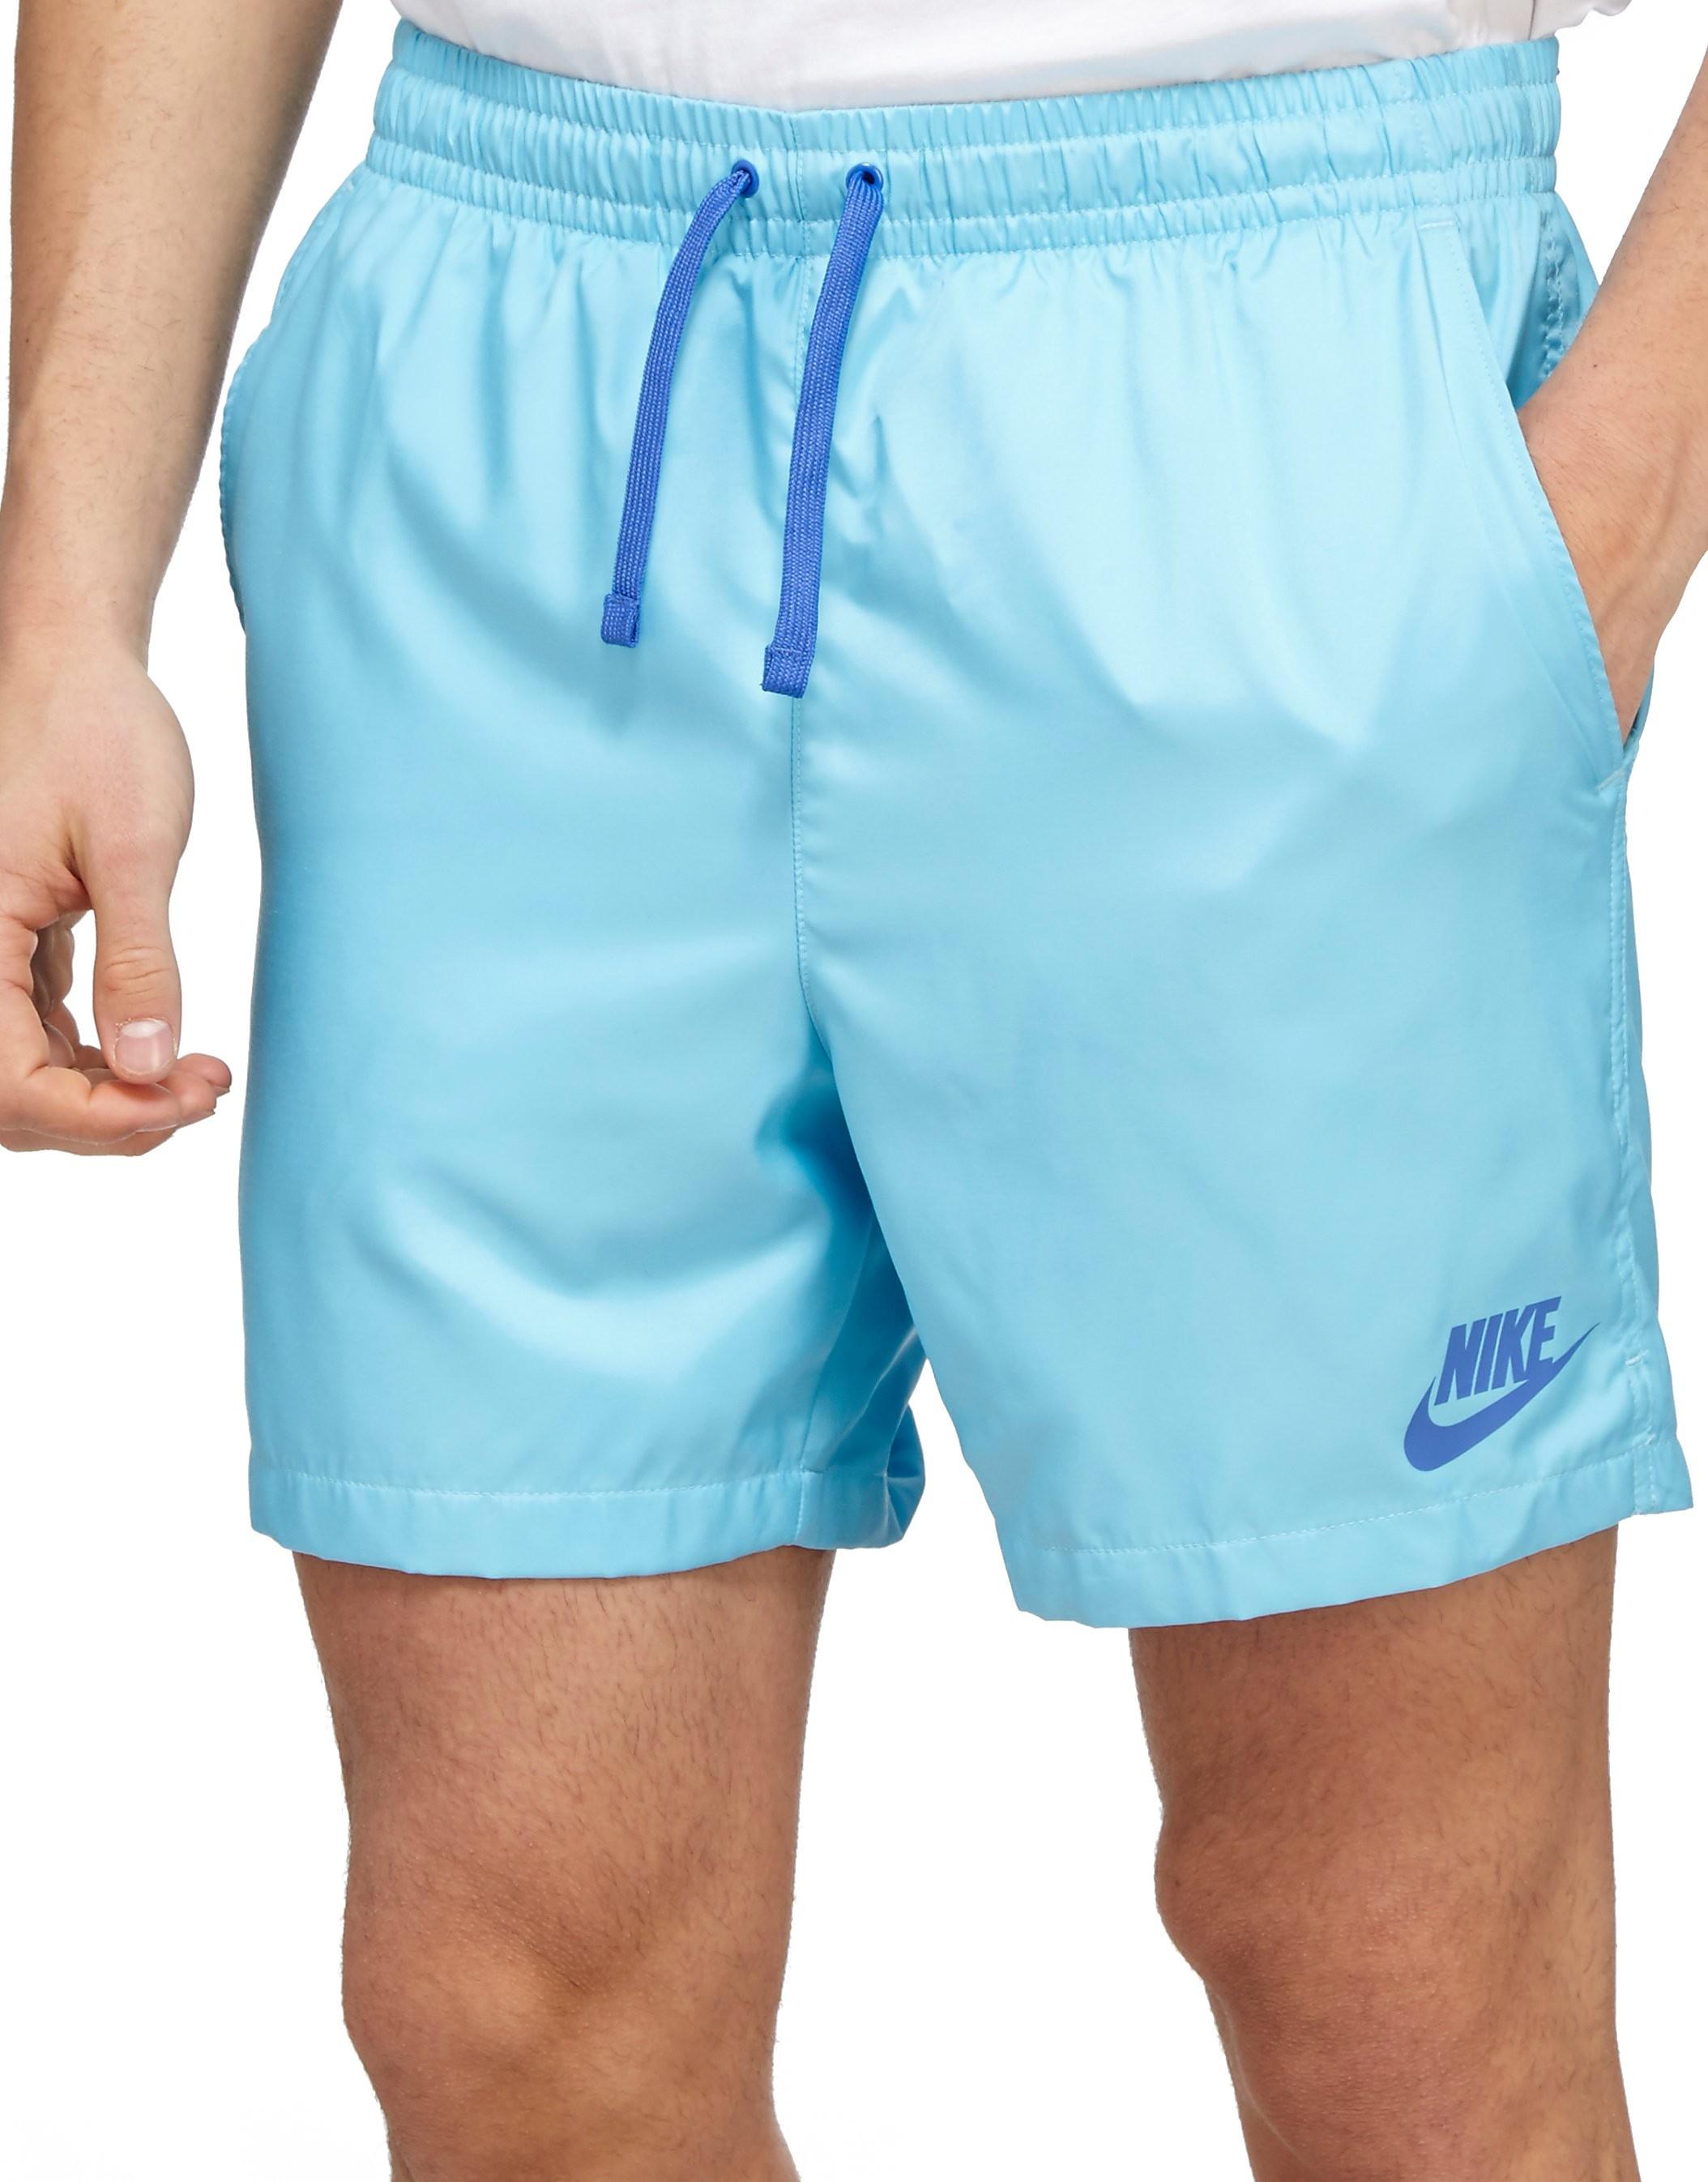 Nike Flow Swimming Short